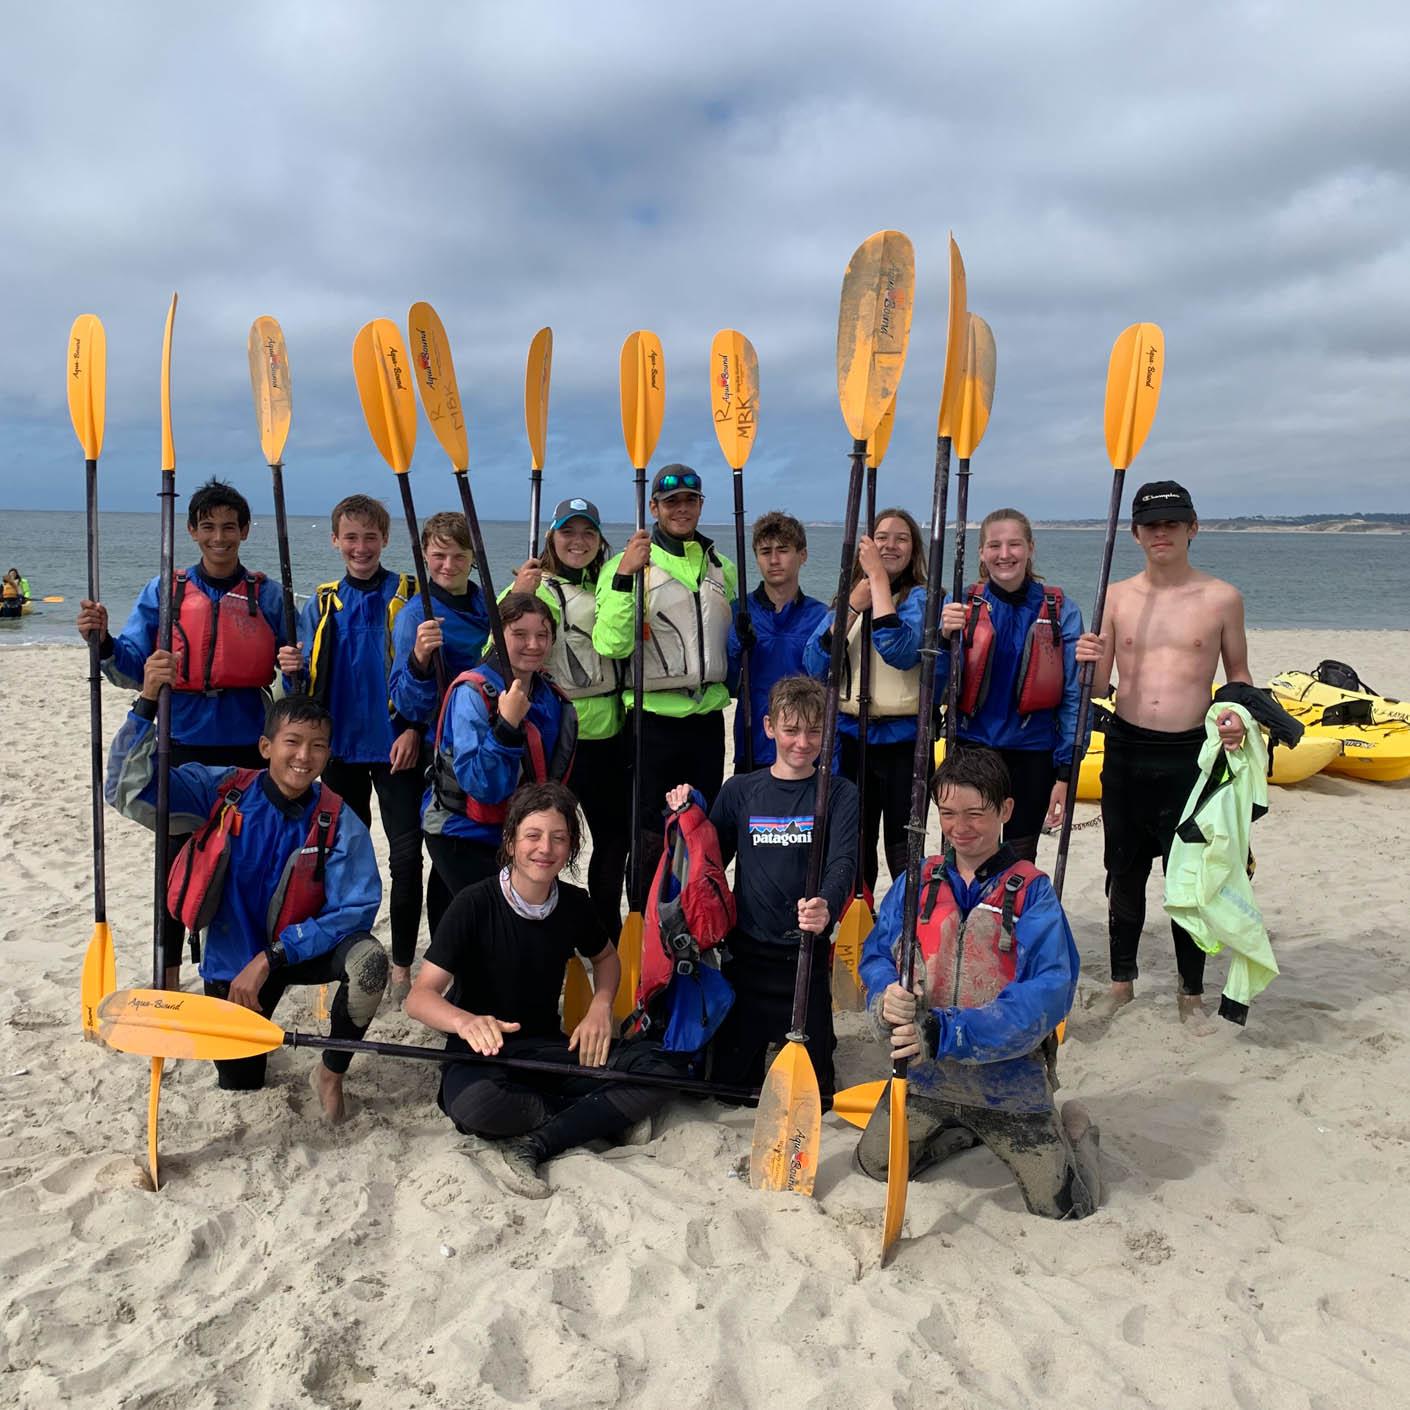 California Explorer kayaking